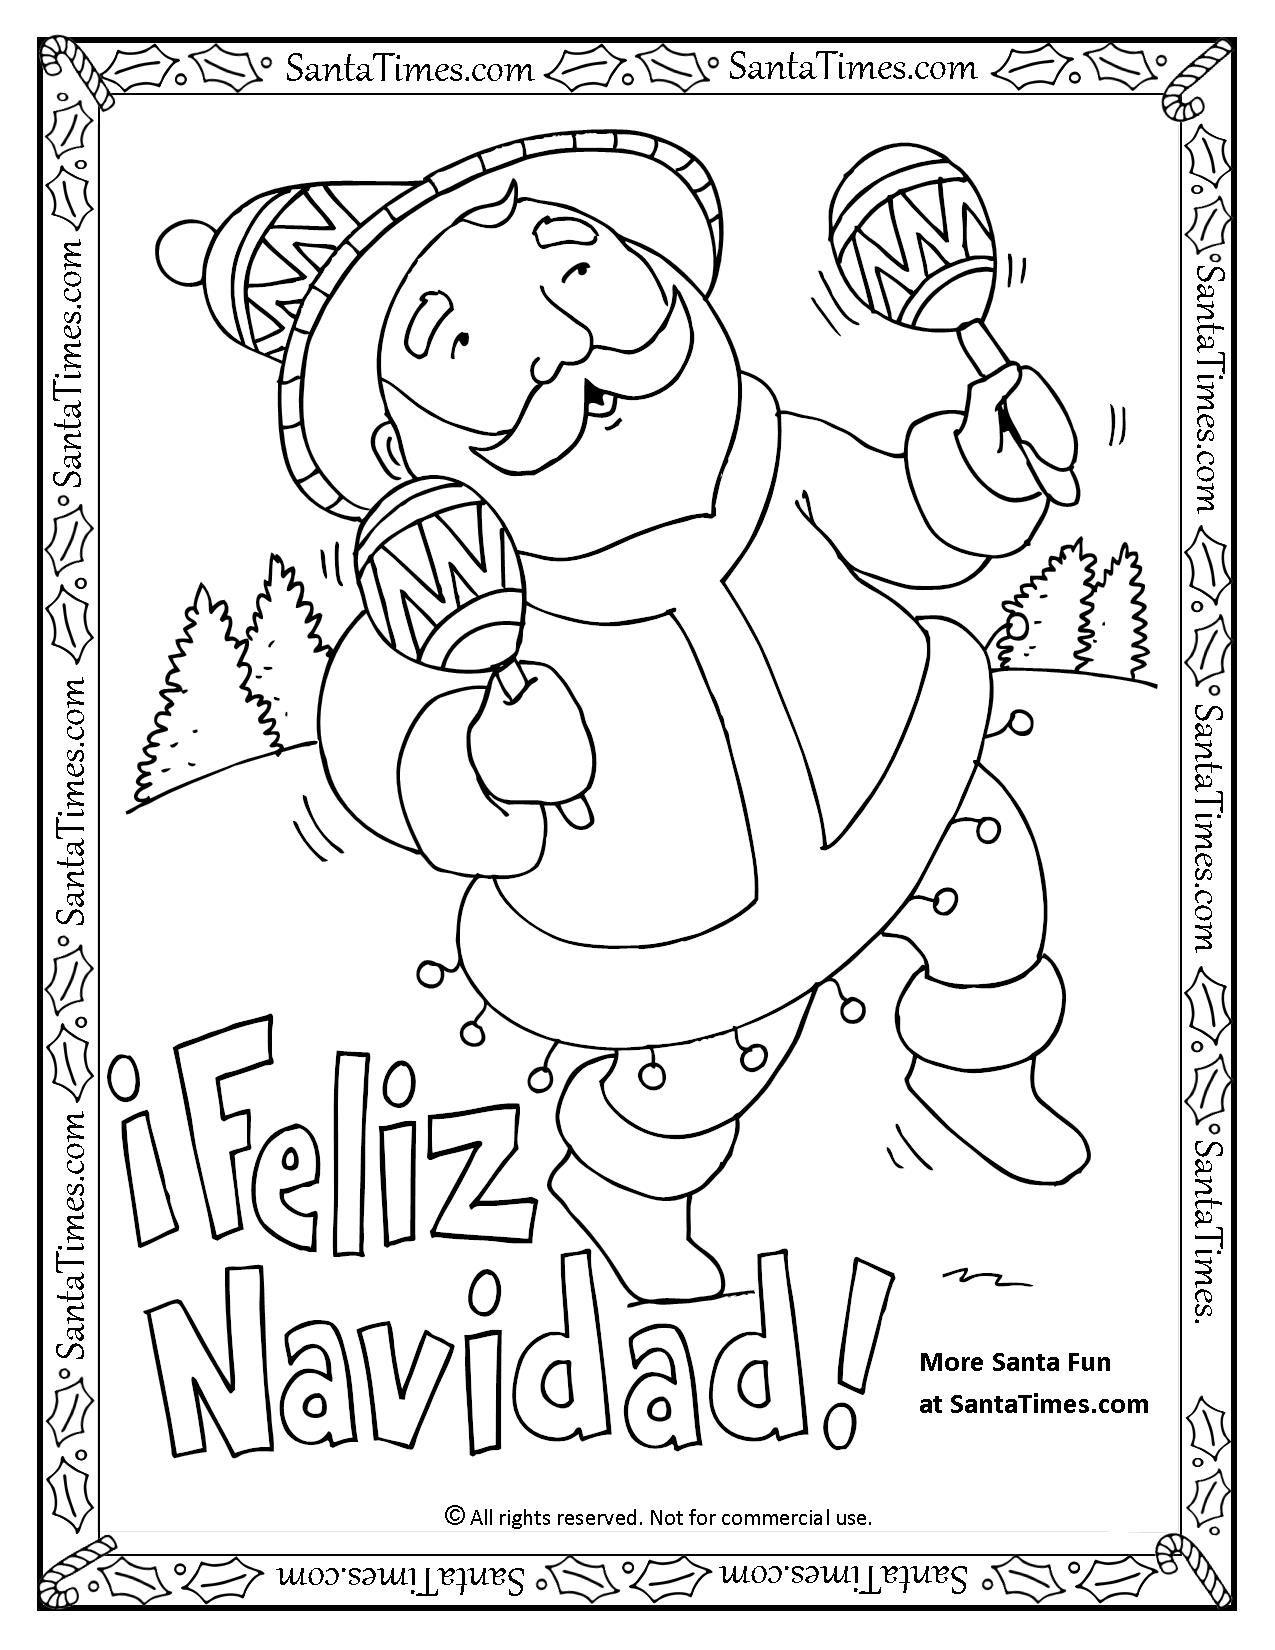 Feliz Navidad Printable Coloring Page ¡papa Noel Quiere Desearles